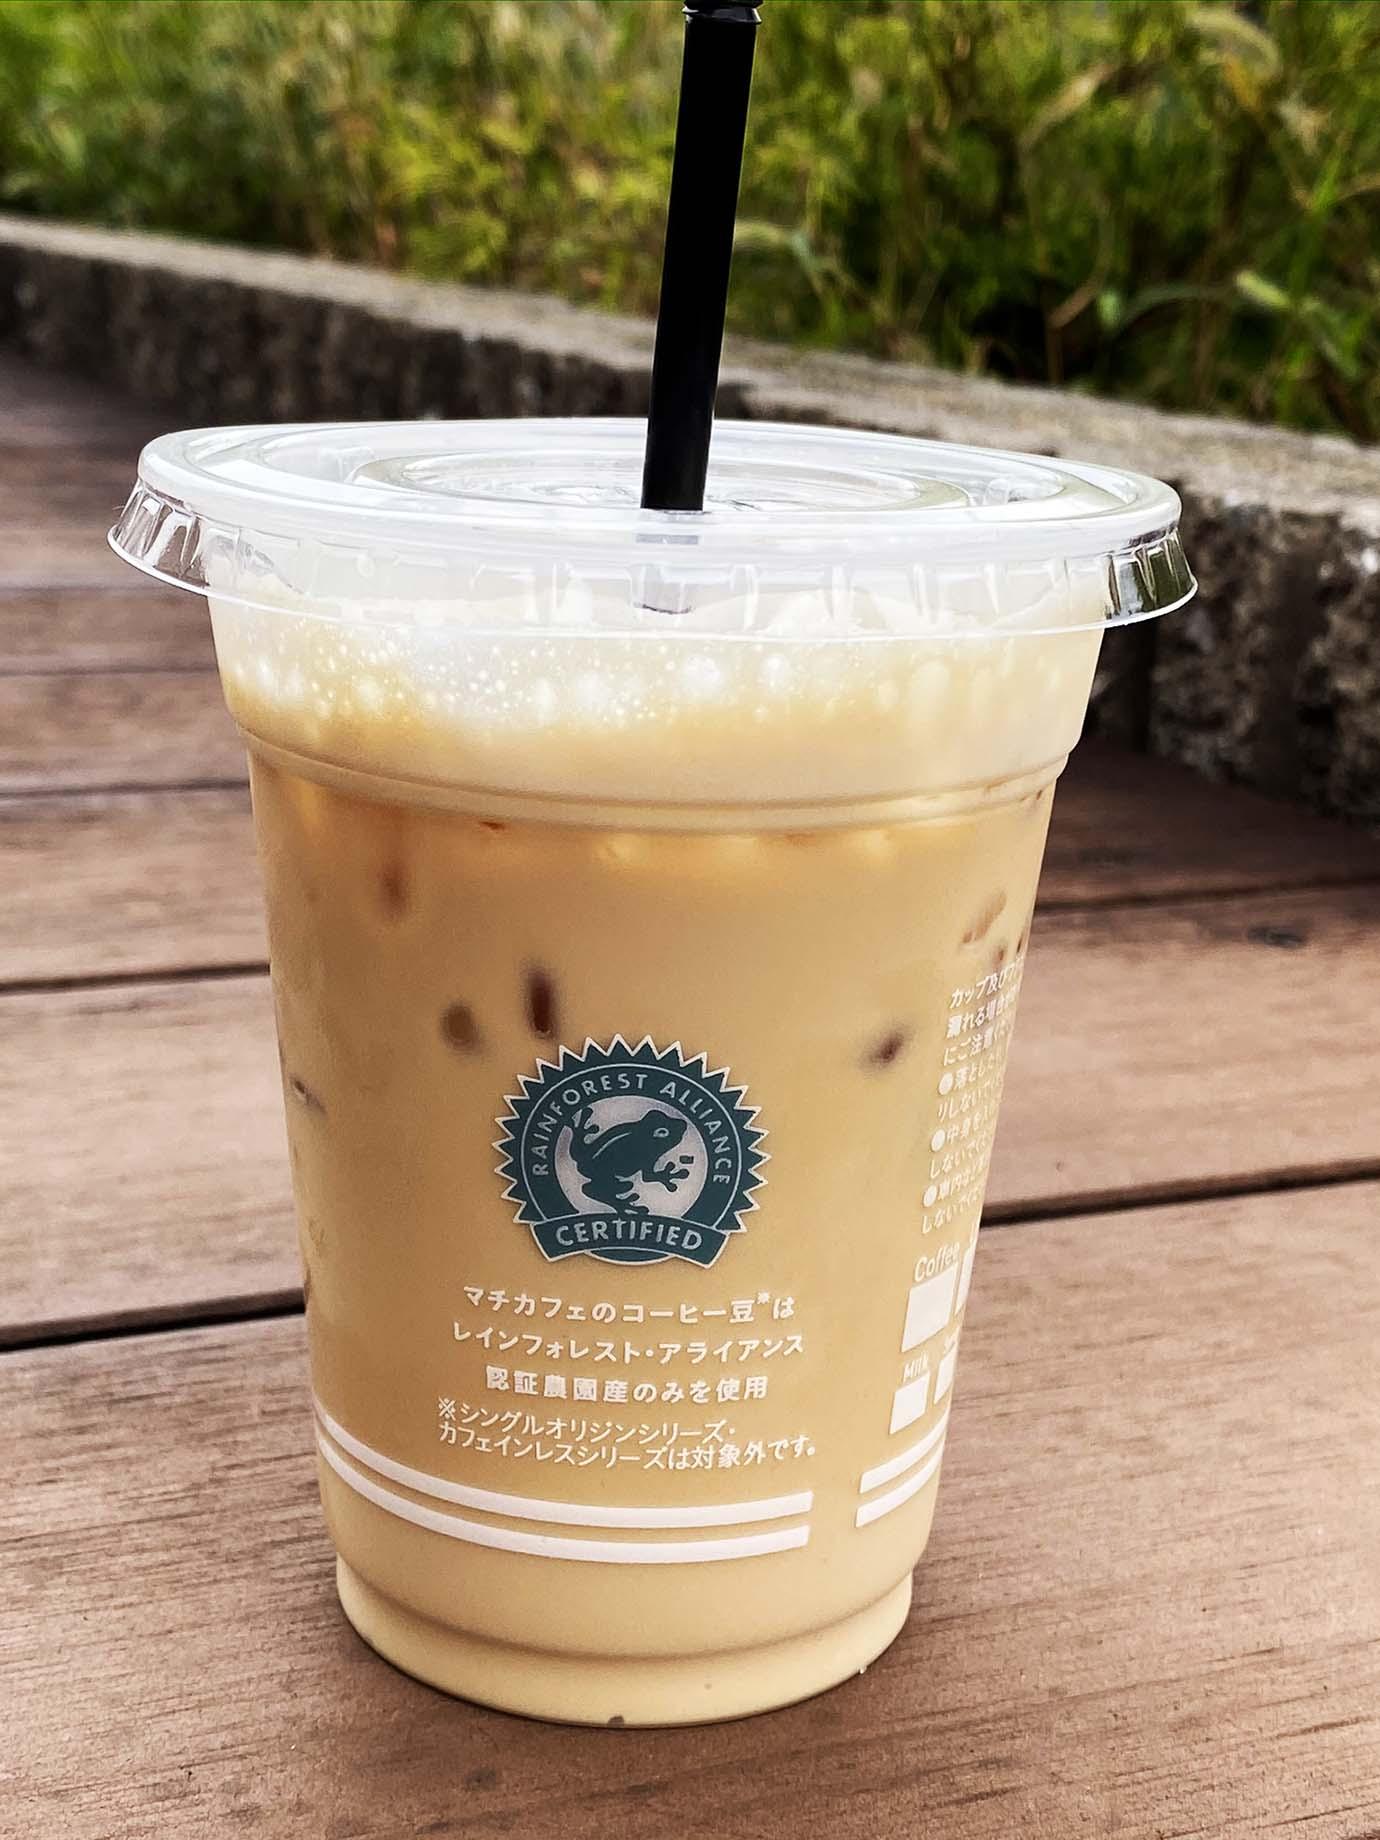 lawson-gentei-cafe5